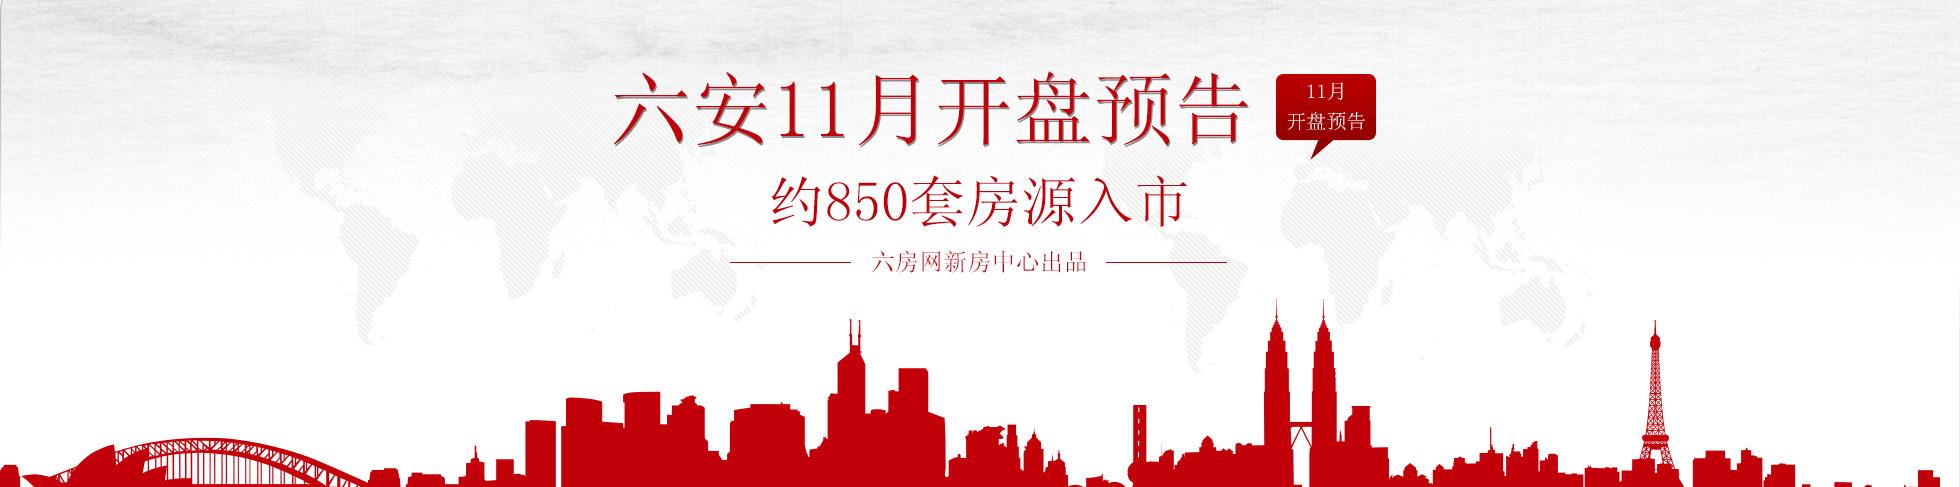 六安11月开盘预告 预计共推出850套房源